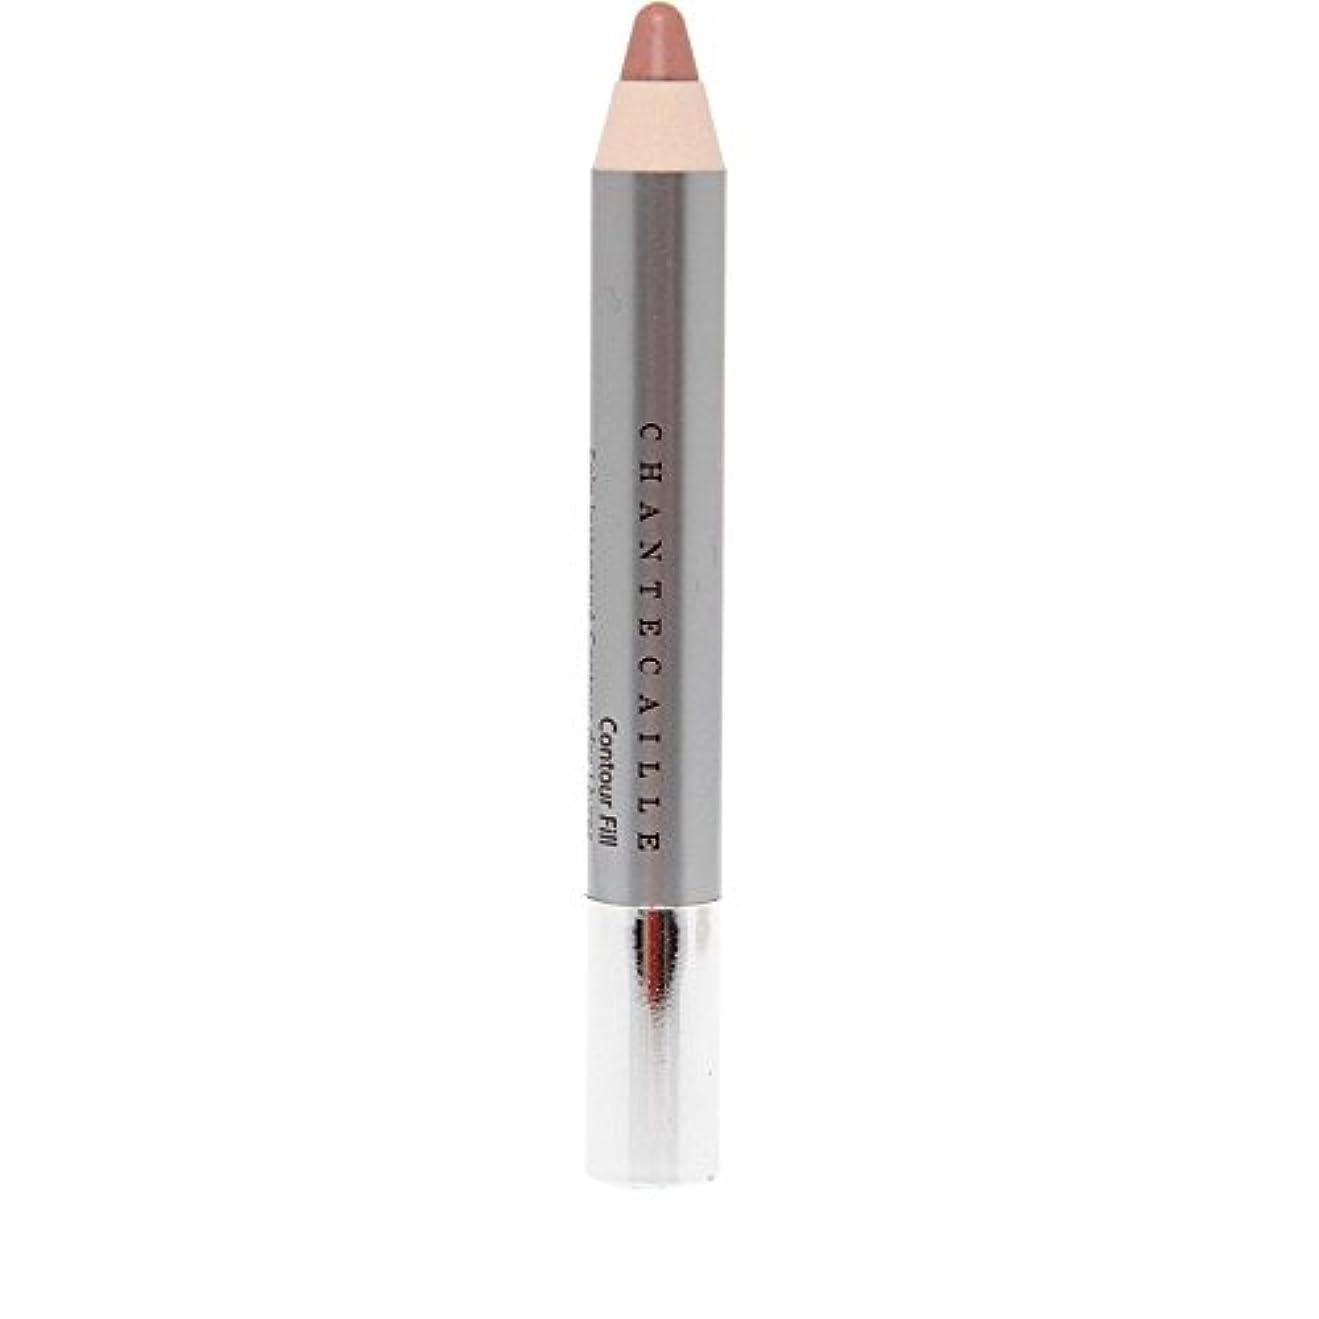 明確なキャプテンブライジョセフバンクスChantecaille Lip Contour Fill Pencil - シャンテカイユリップ輪郭フィル鉛筆 [並行輸入品]